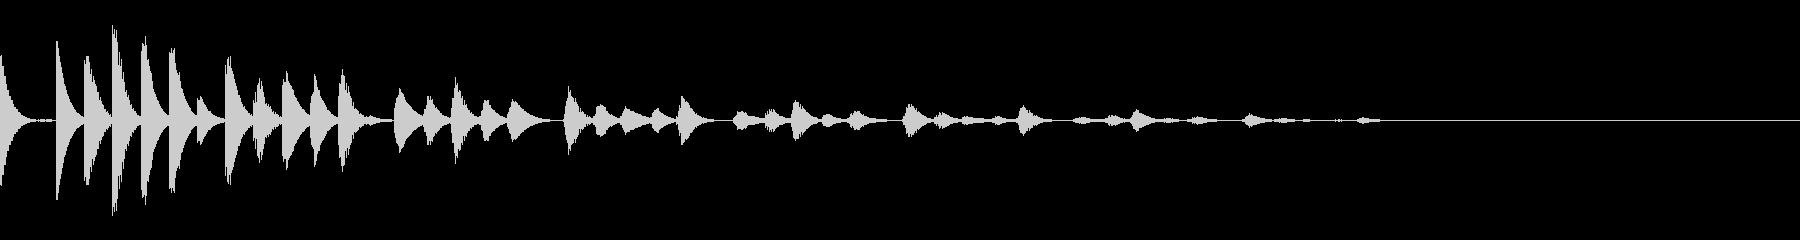 ピコピコ響く綺麗な音(宇宙/深海/癒し2の未再生の波形